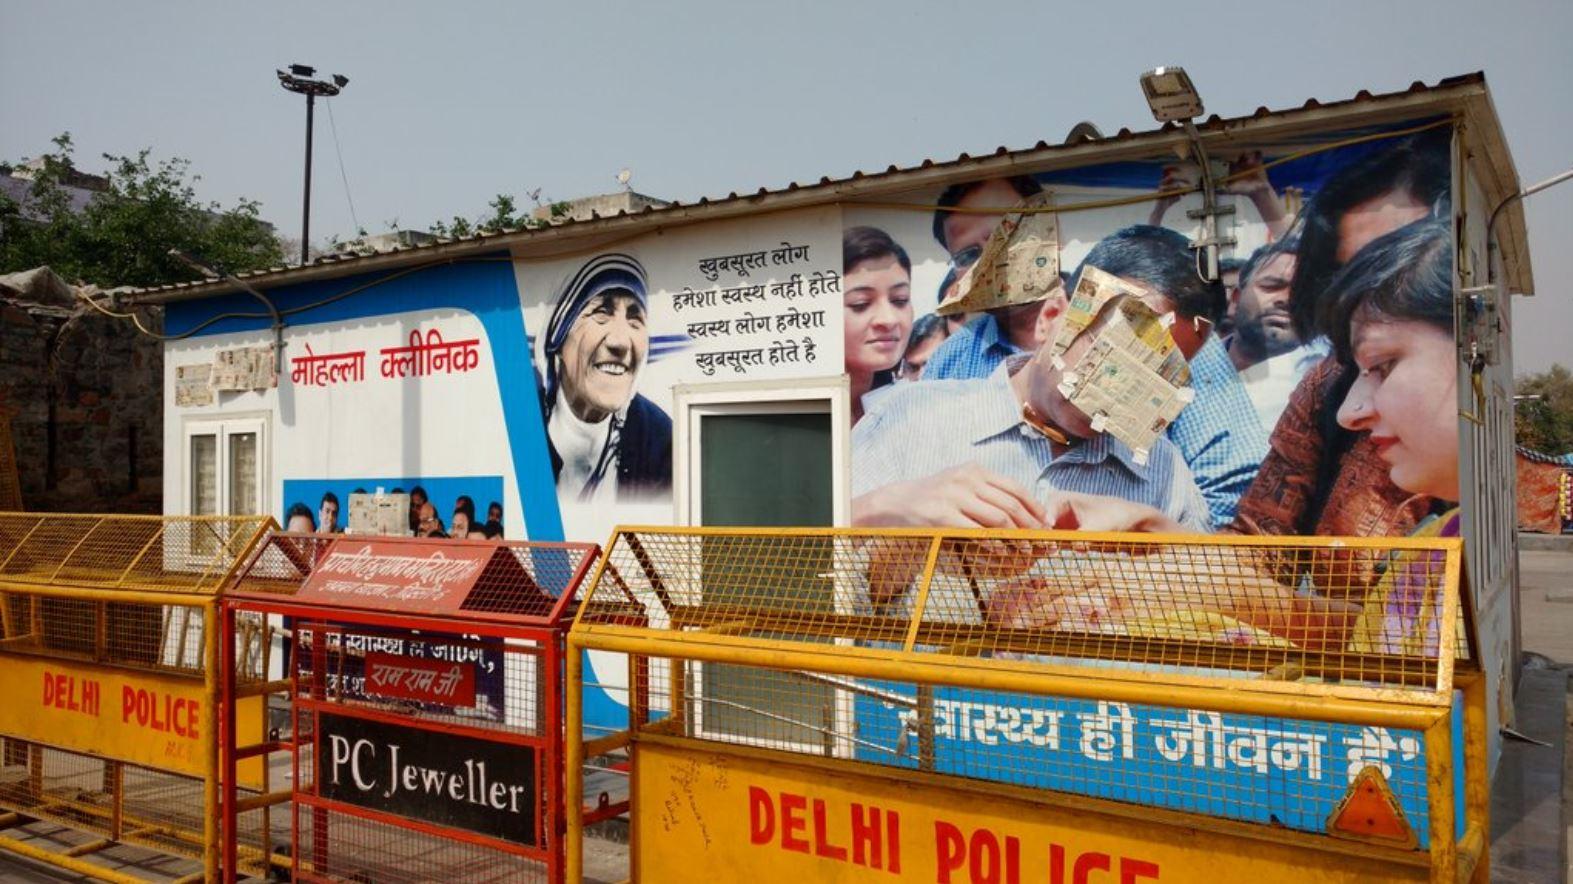 A Mohalla Clinic in New Delhi.